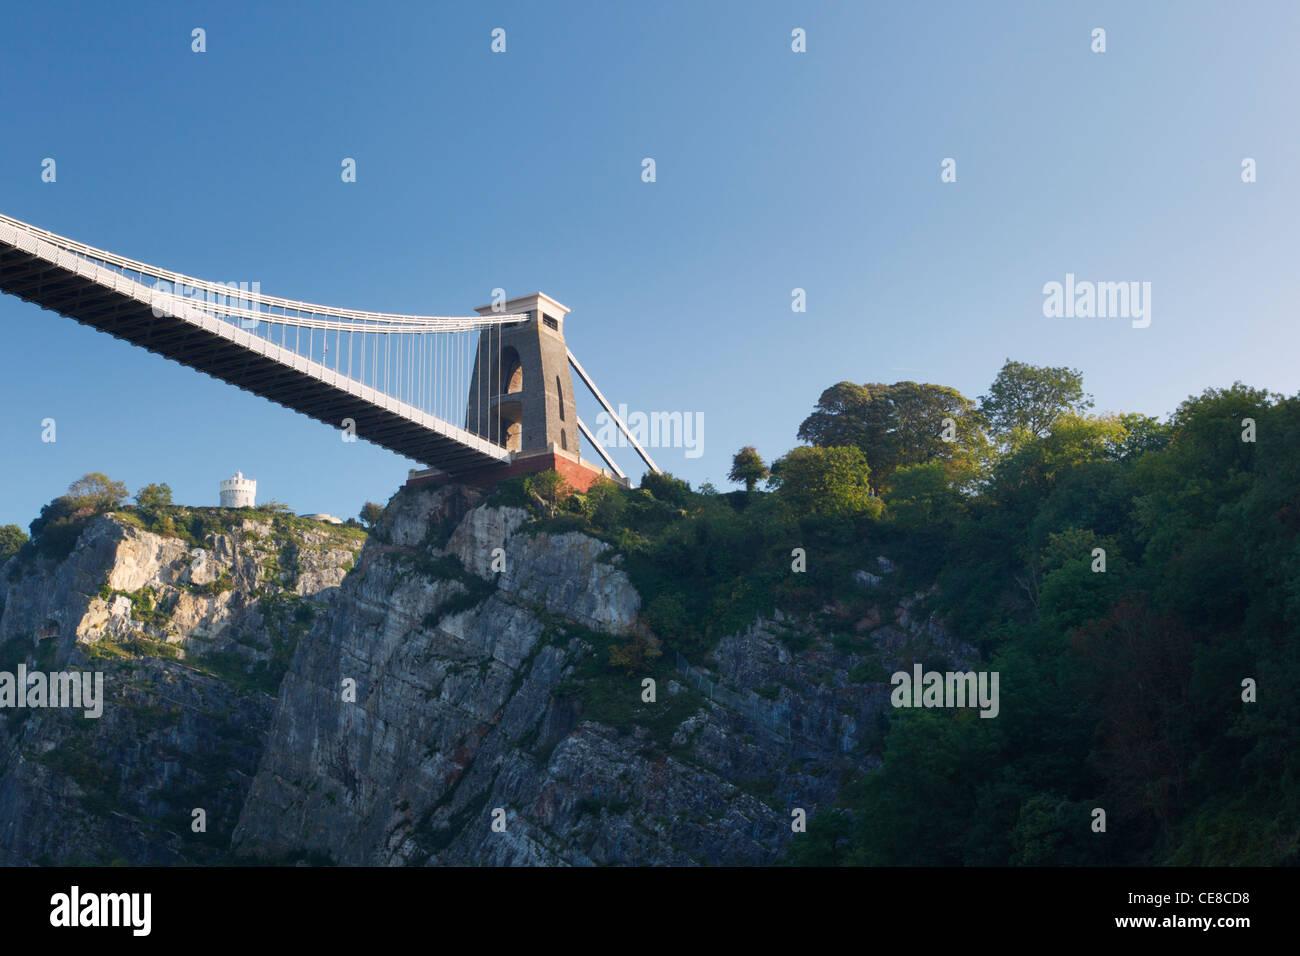 Clifton Suspension Bridge überspannt die Avon-Schlucht. Bristol. England. VEREINIGTES KÖNIGREICH. Stockbild